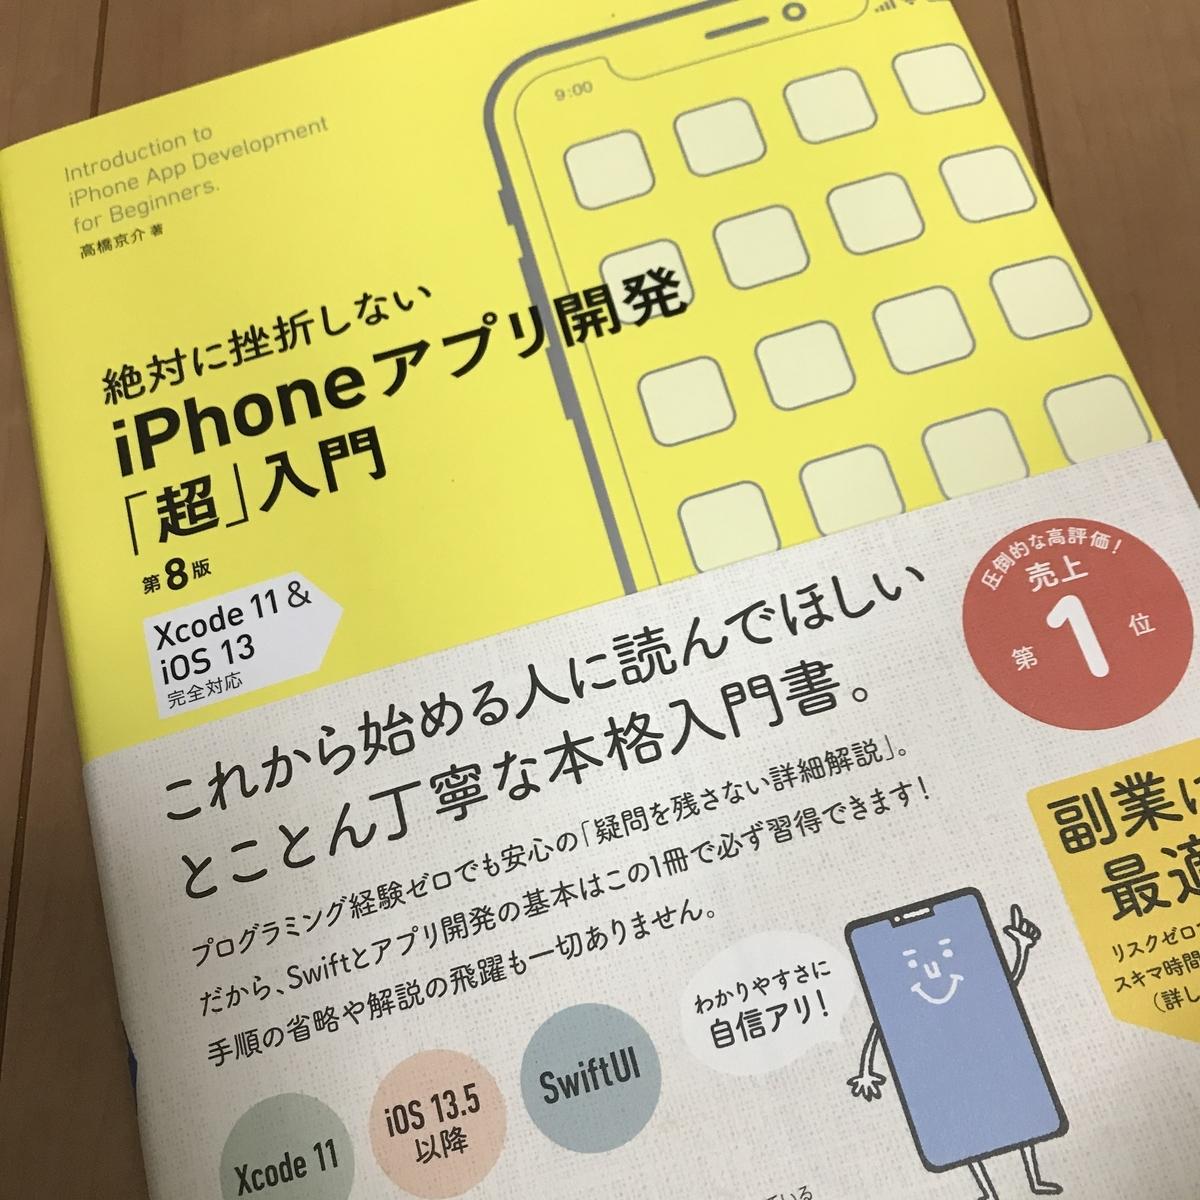 f:id:yasumuni:20200725181531j:plain